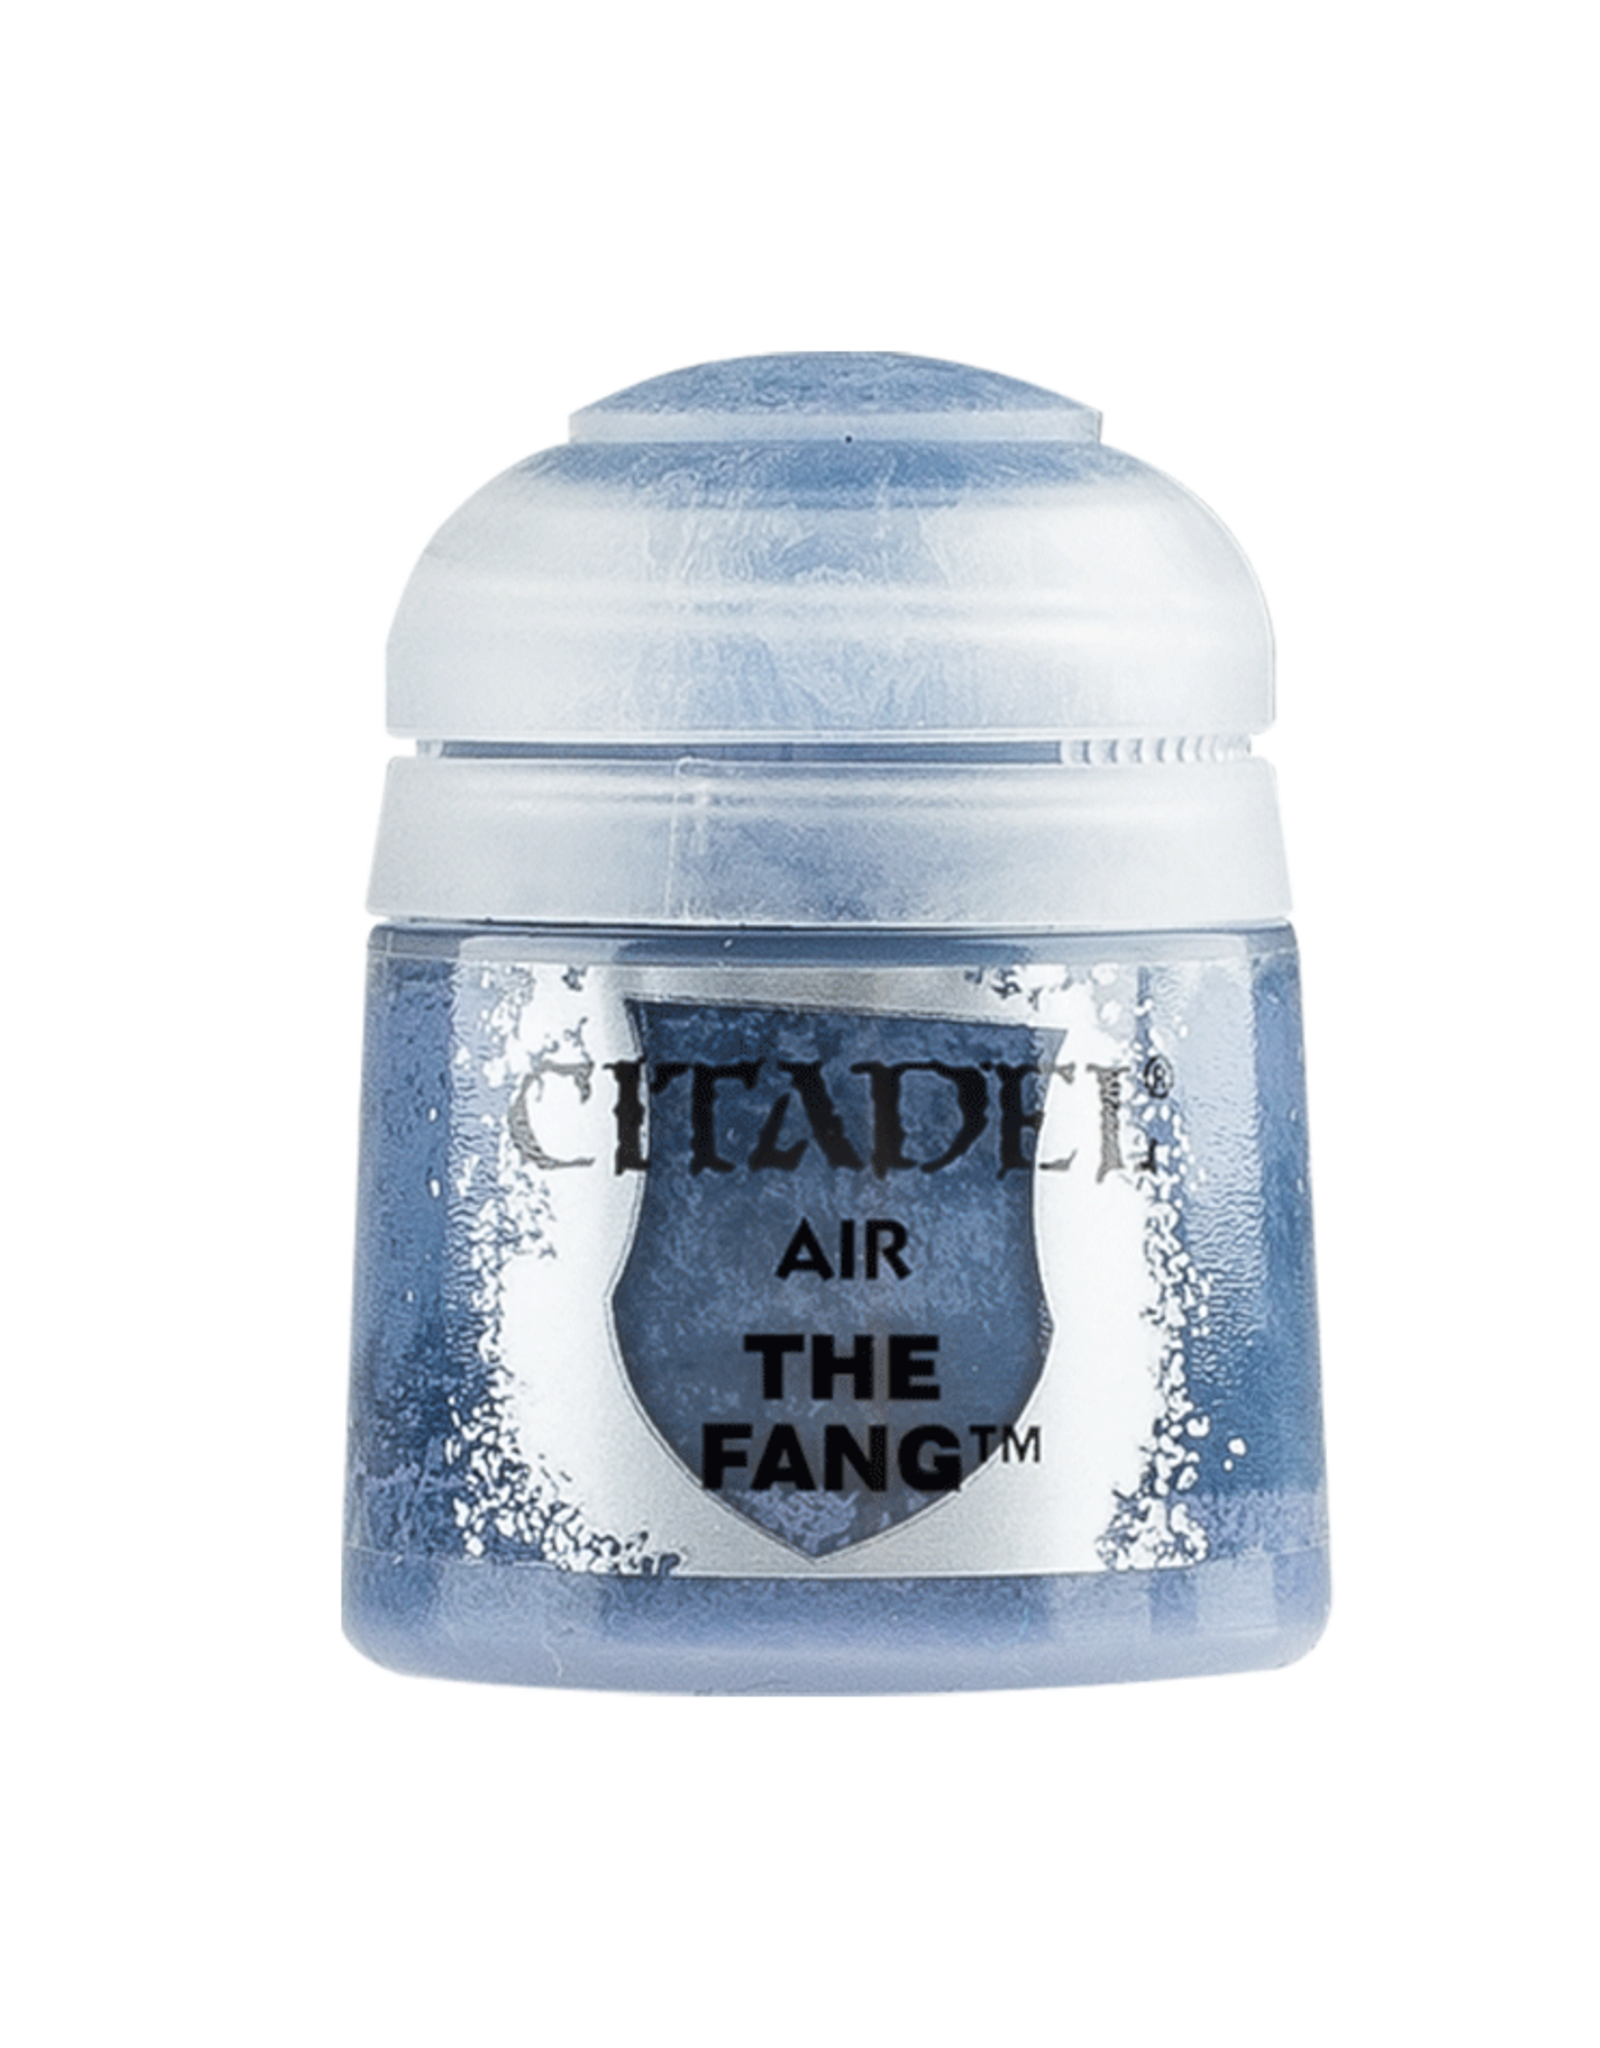 Citadel Citadel Air: The Fang (24ml)